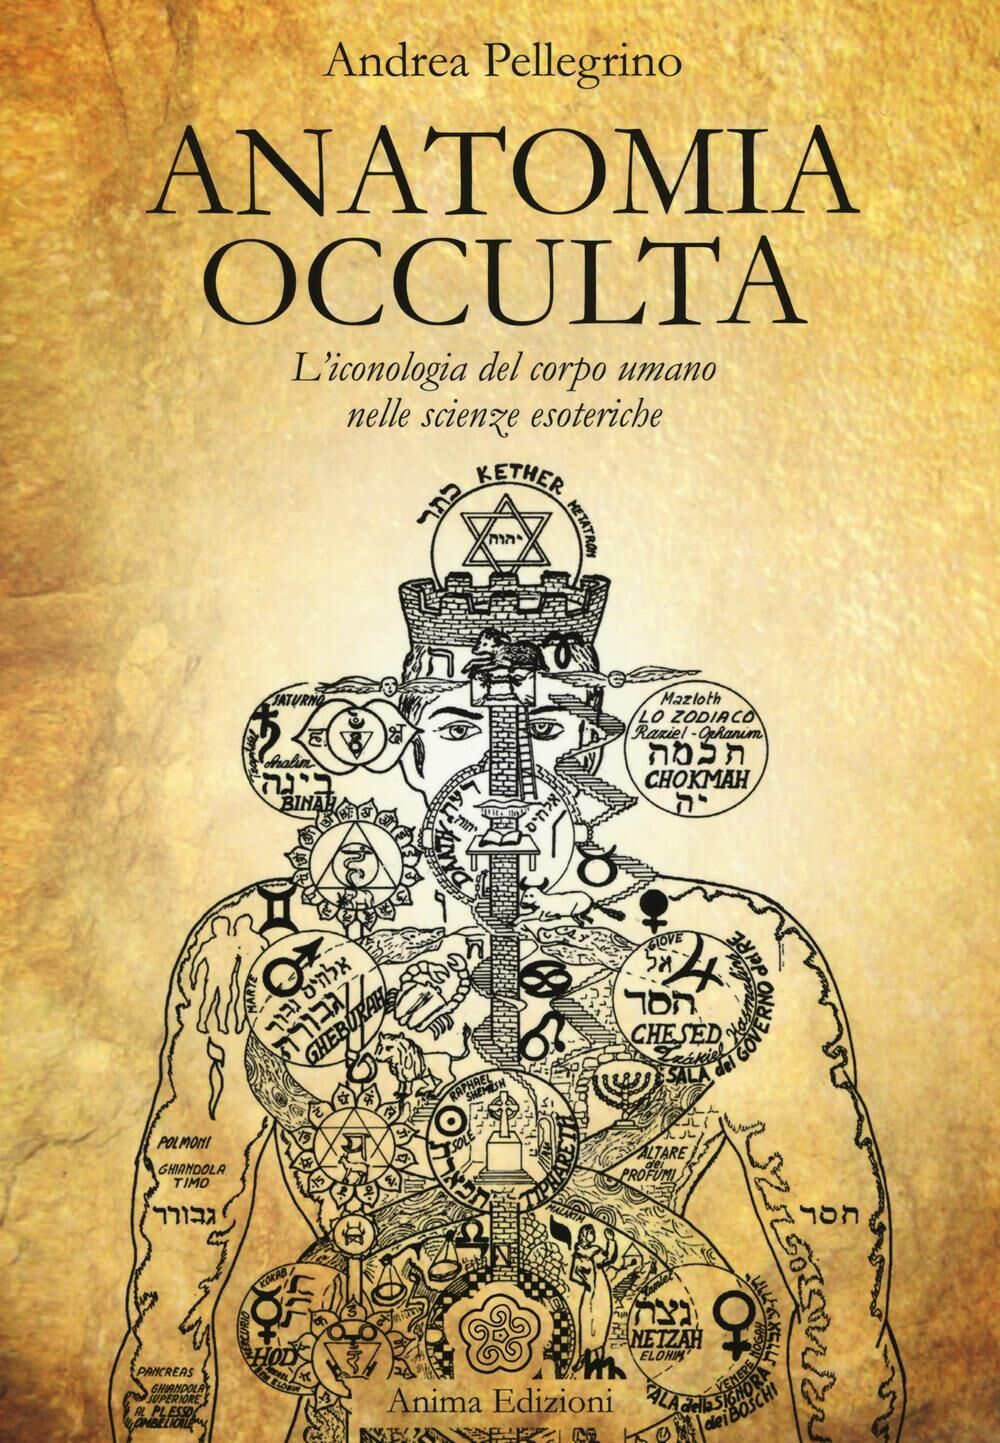 Anatomia occulta. L'iconologia del corpo umano nelle scienze esoteriche